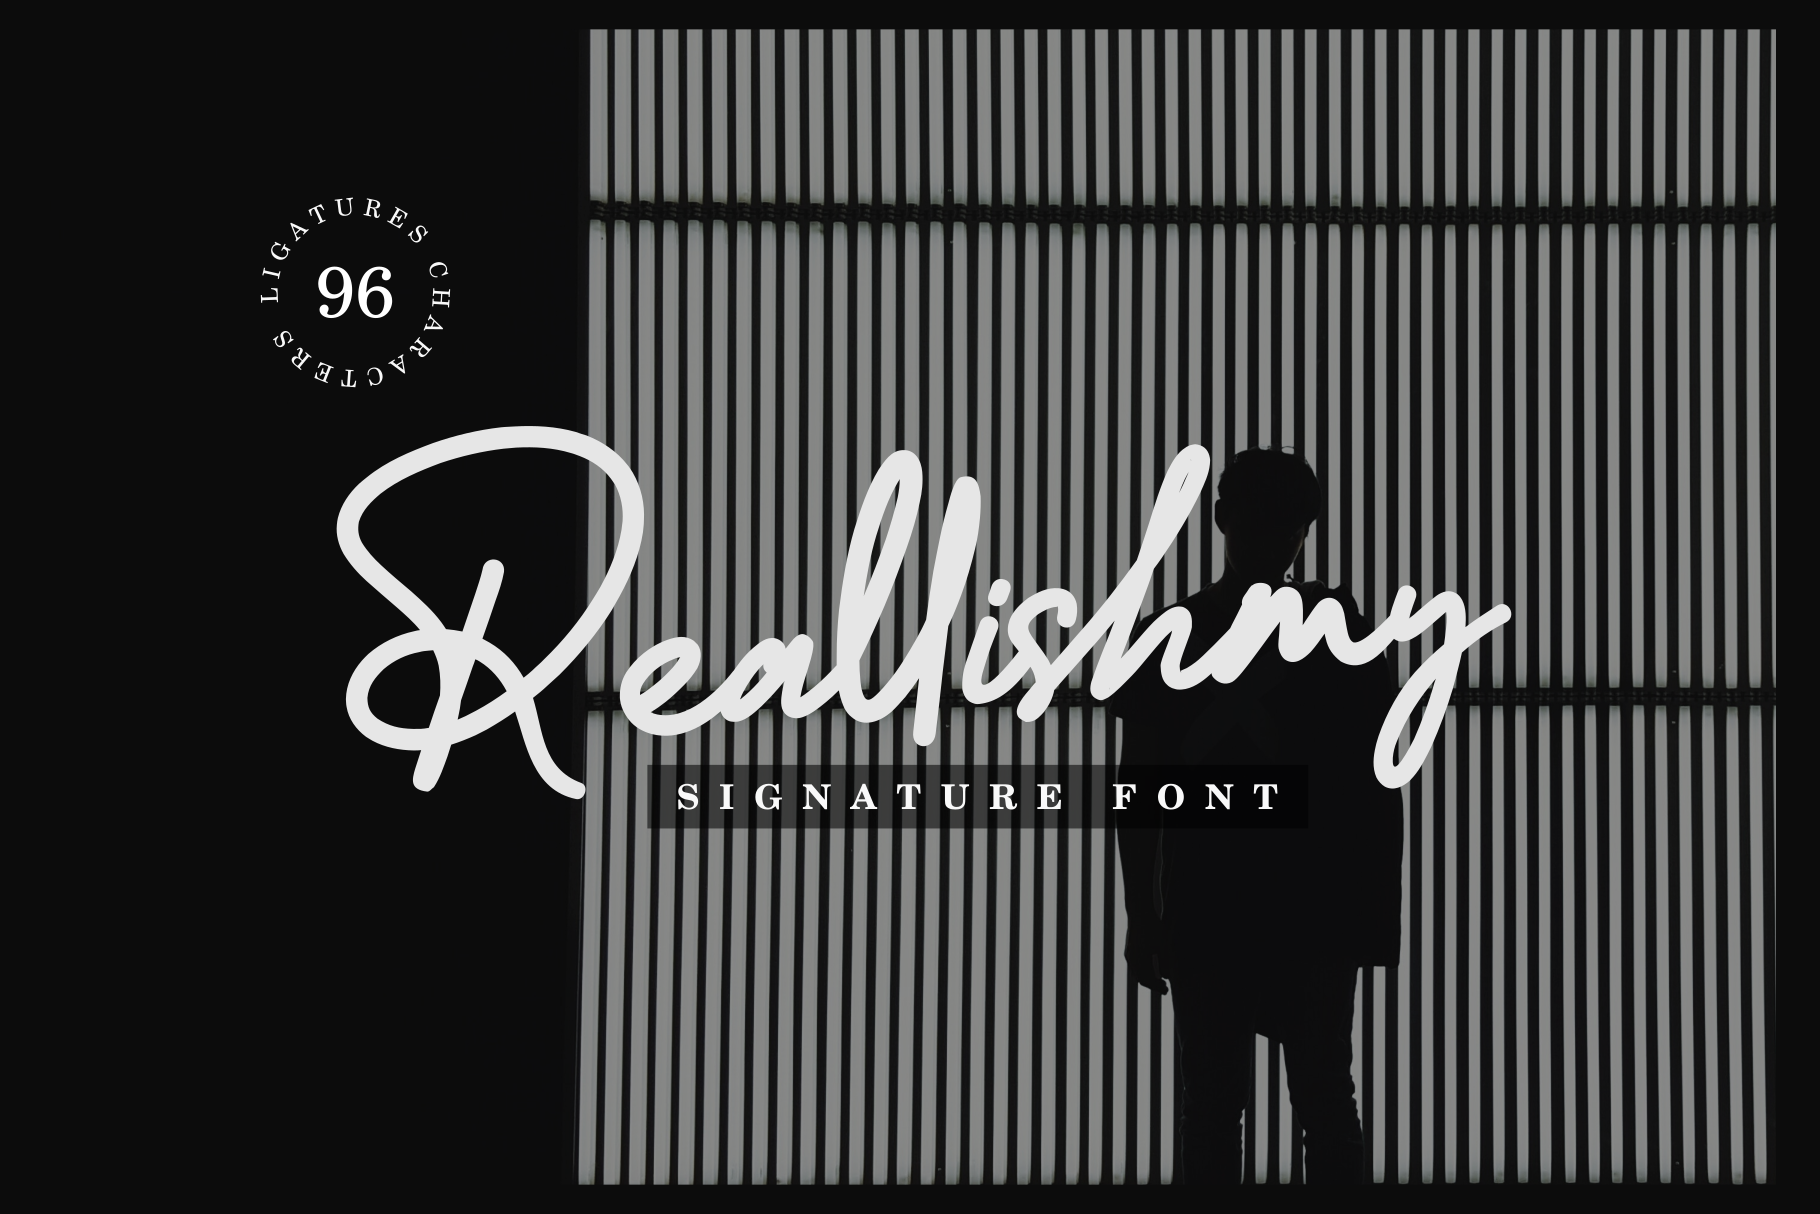 Reallishmy // Signature Font example image 1